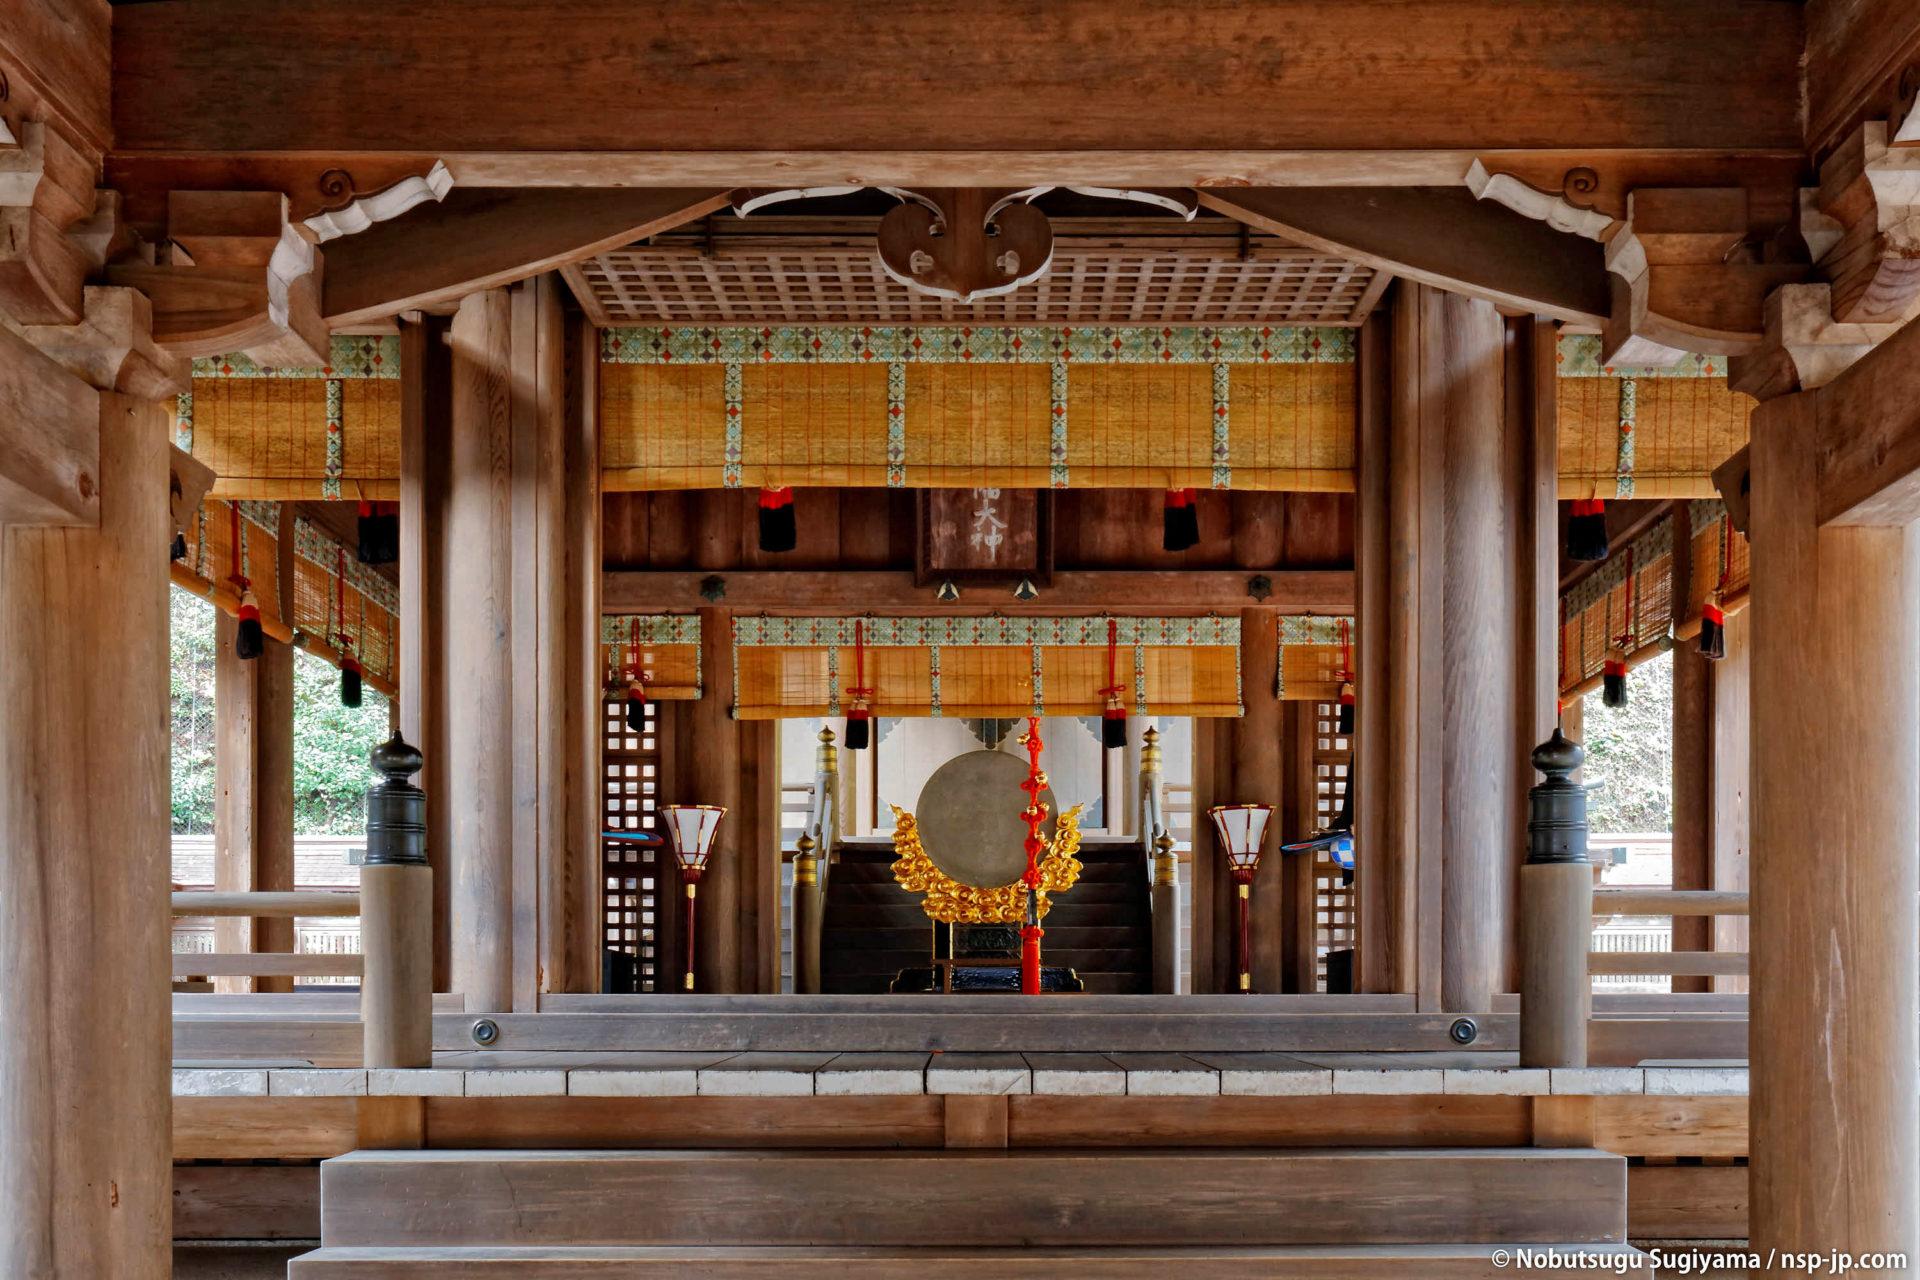 伊奈波神社-拝殿から本殿を望む | 岐阜 故郷巡礼 by 杉山宣嗣